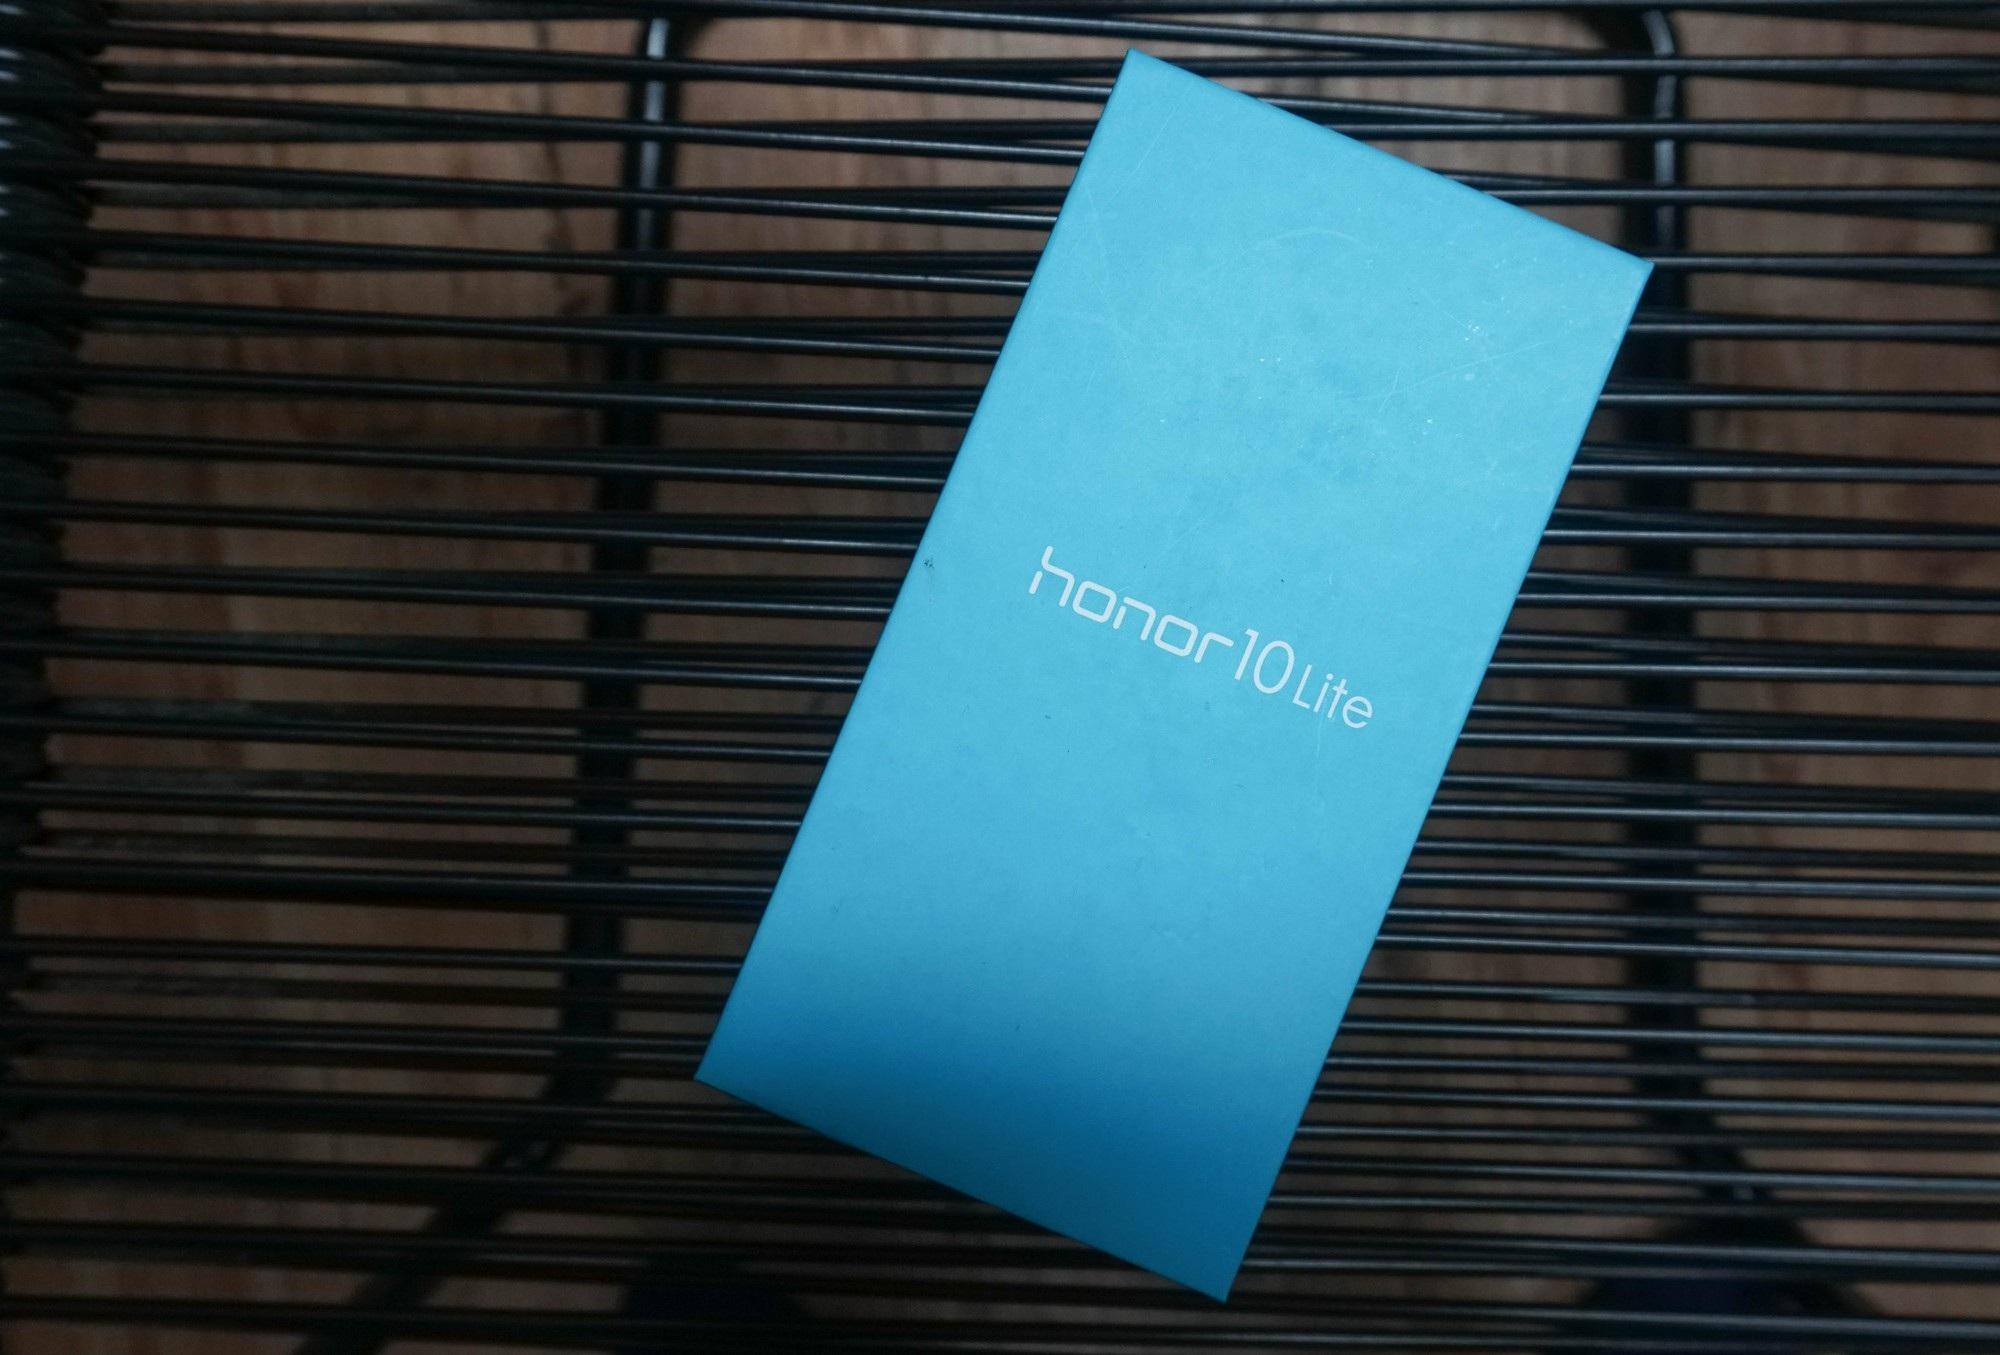 Đập hộp Honor 10 Lite - smartphone tầm trung sắp bán ở Việt Nam với giá khoảng 5 triệu đồng - Ảnh 2.